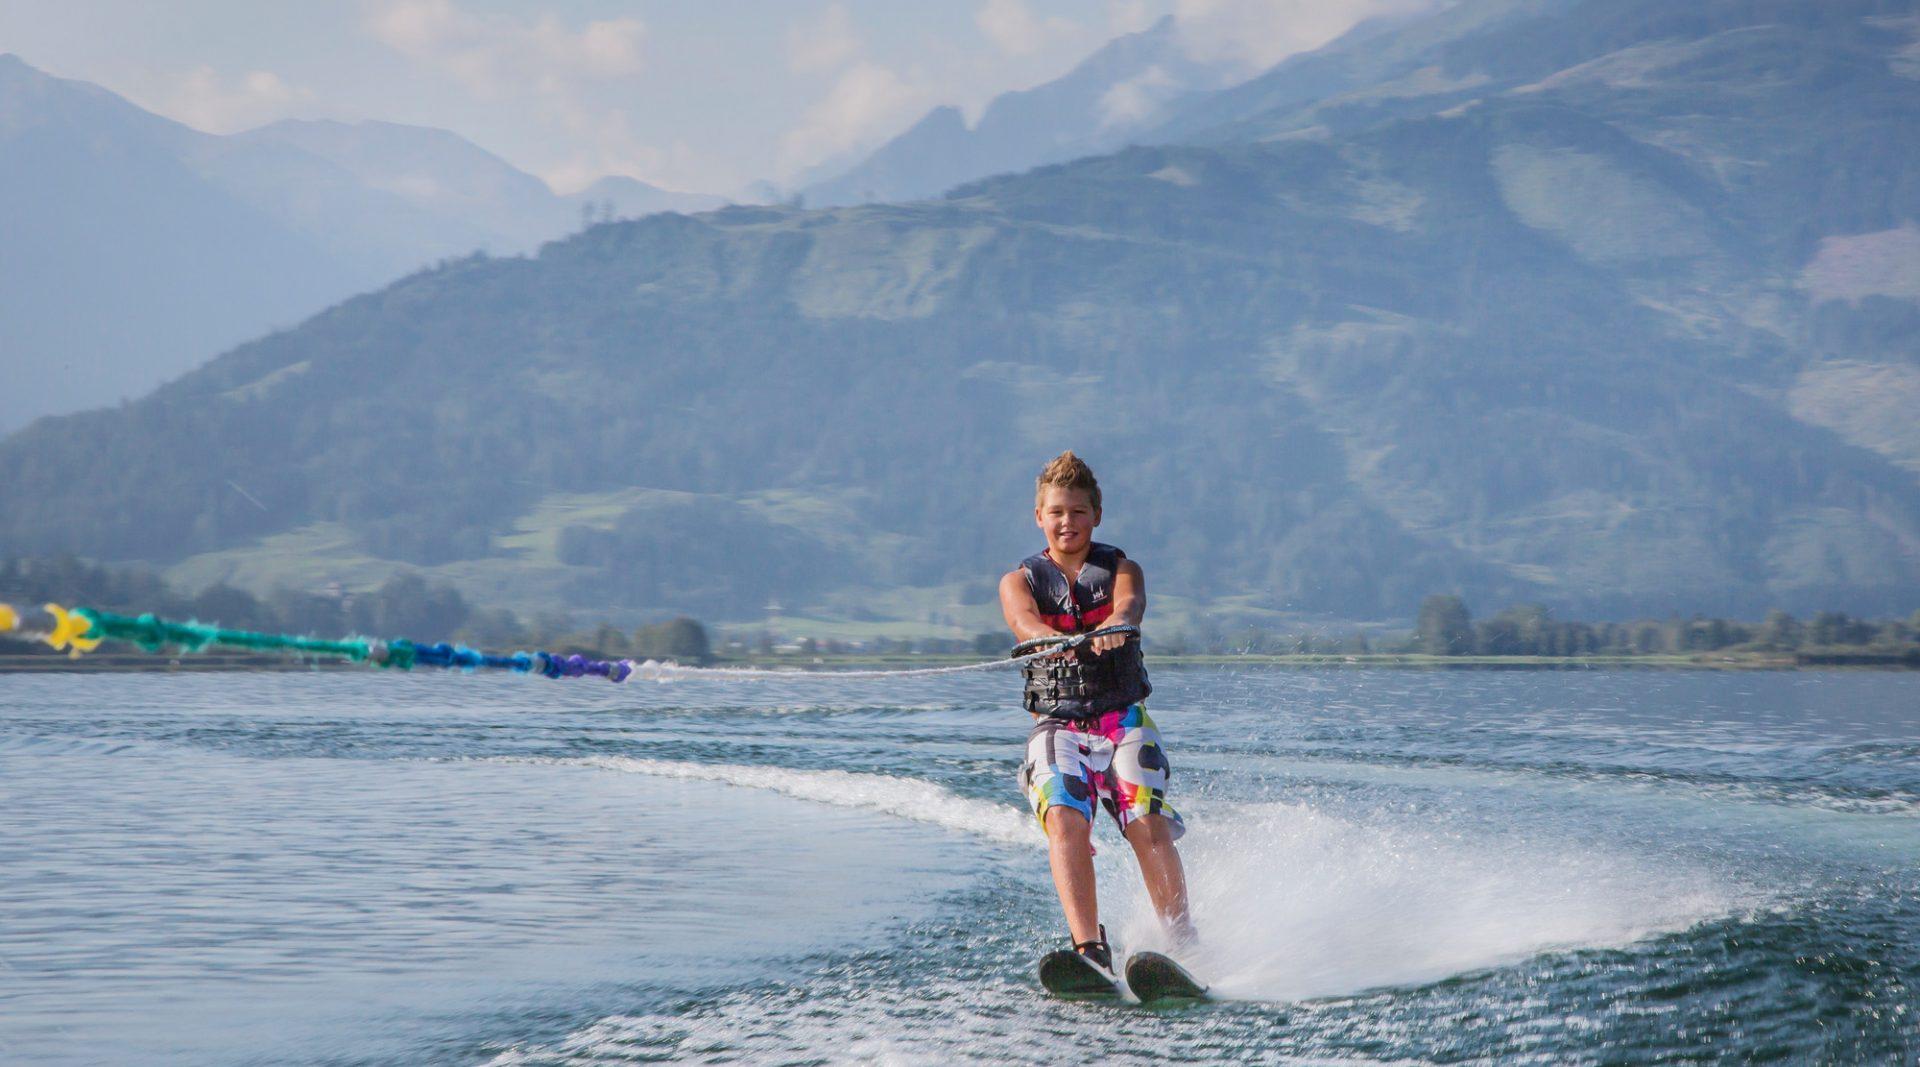 Junge fährt auf Wasserski an einem schönen Tag über einen See im SalzburgerLand.